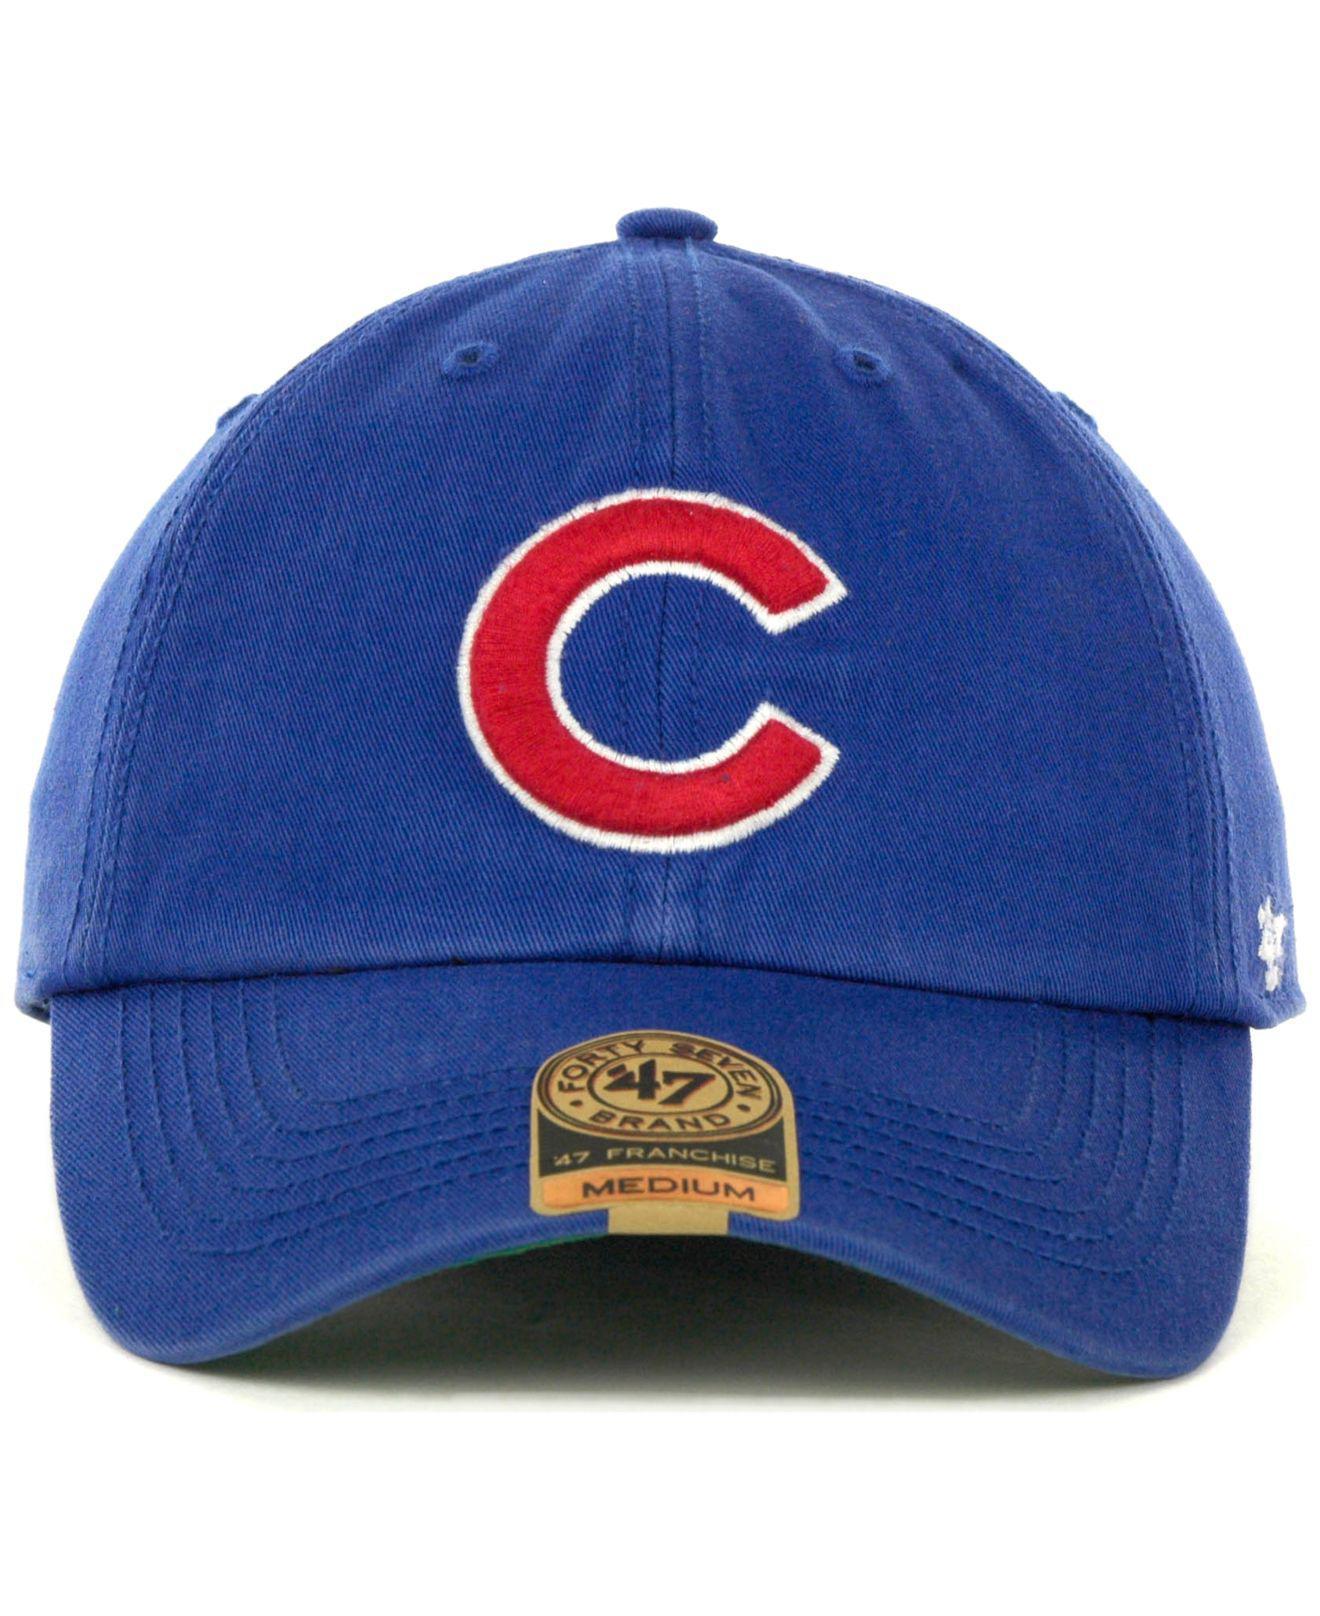 81dfb7c36c5 ... france lyst 47 brand chicago cubs franchise cap in green for men 39e66  e87e8